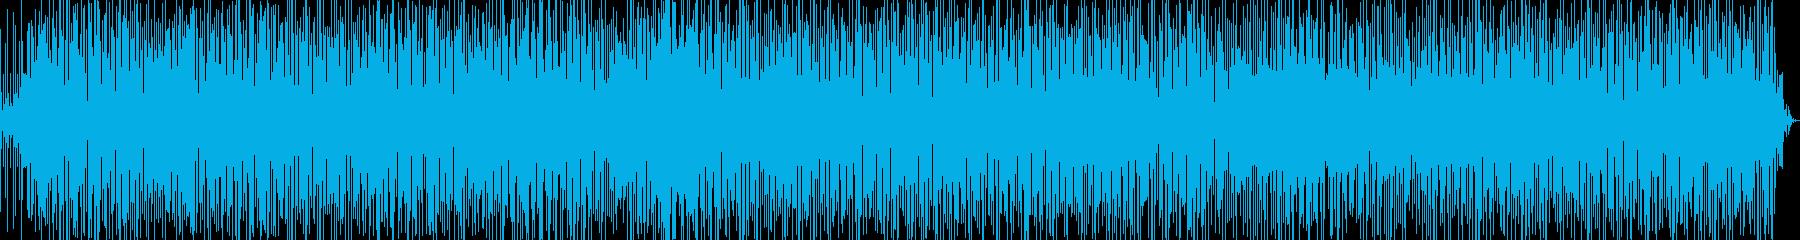 生演奏 軽快なラテンファンク Ver.1の再生済みの波形